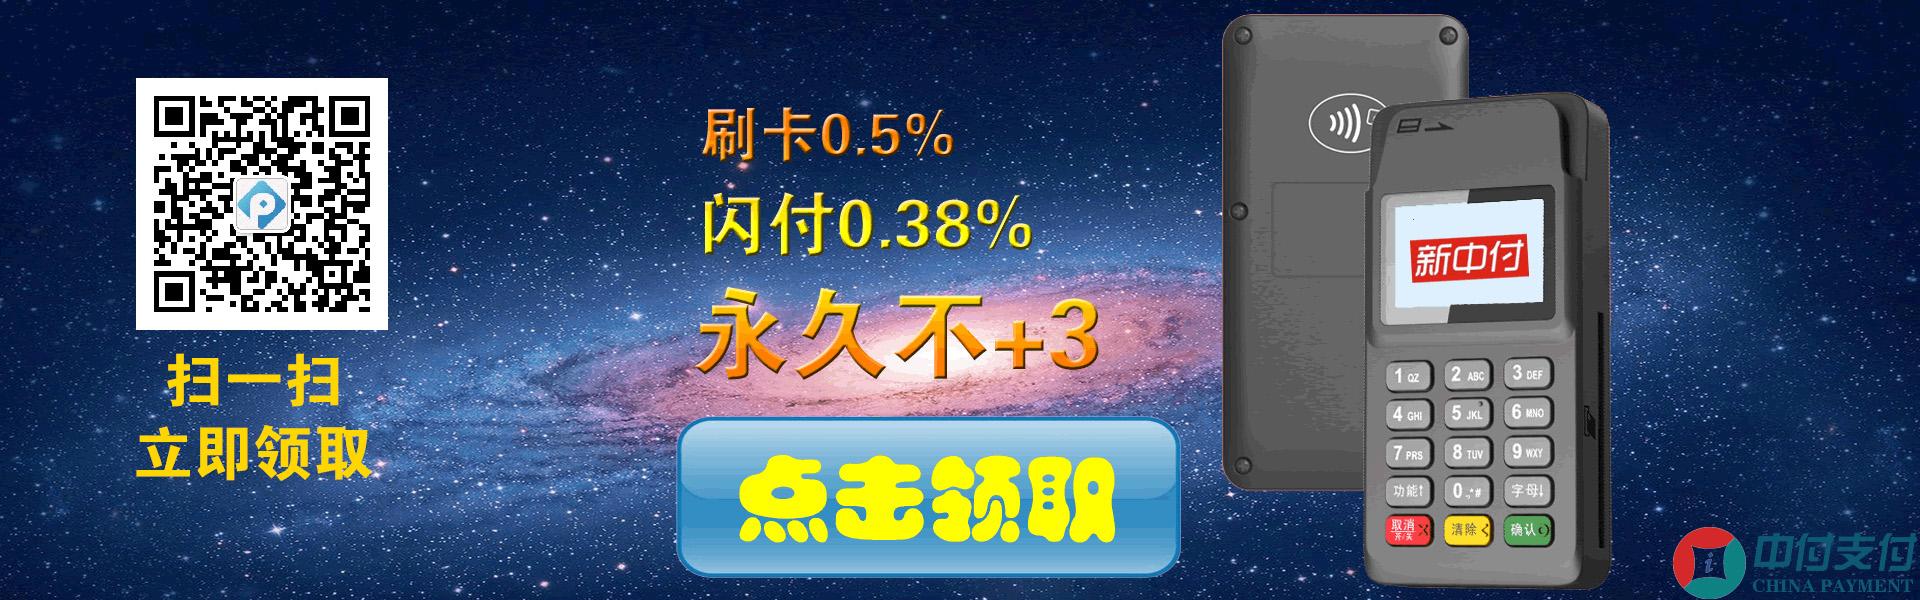 钱客通官网首页banner2